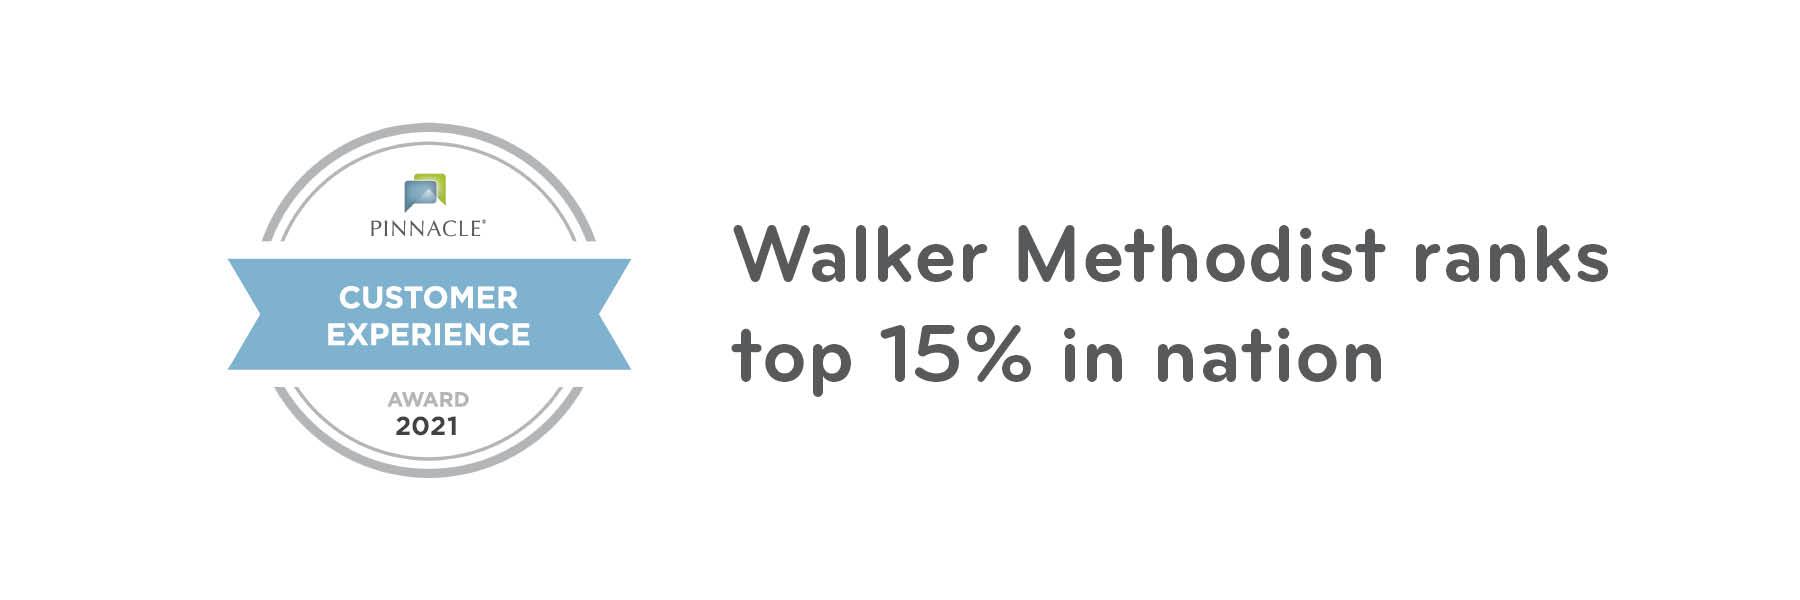 Walker Methodist communities rank top 15% in the nation